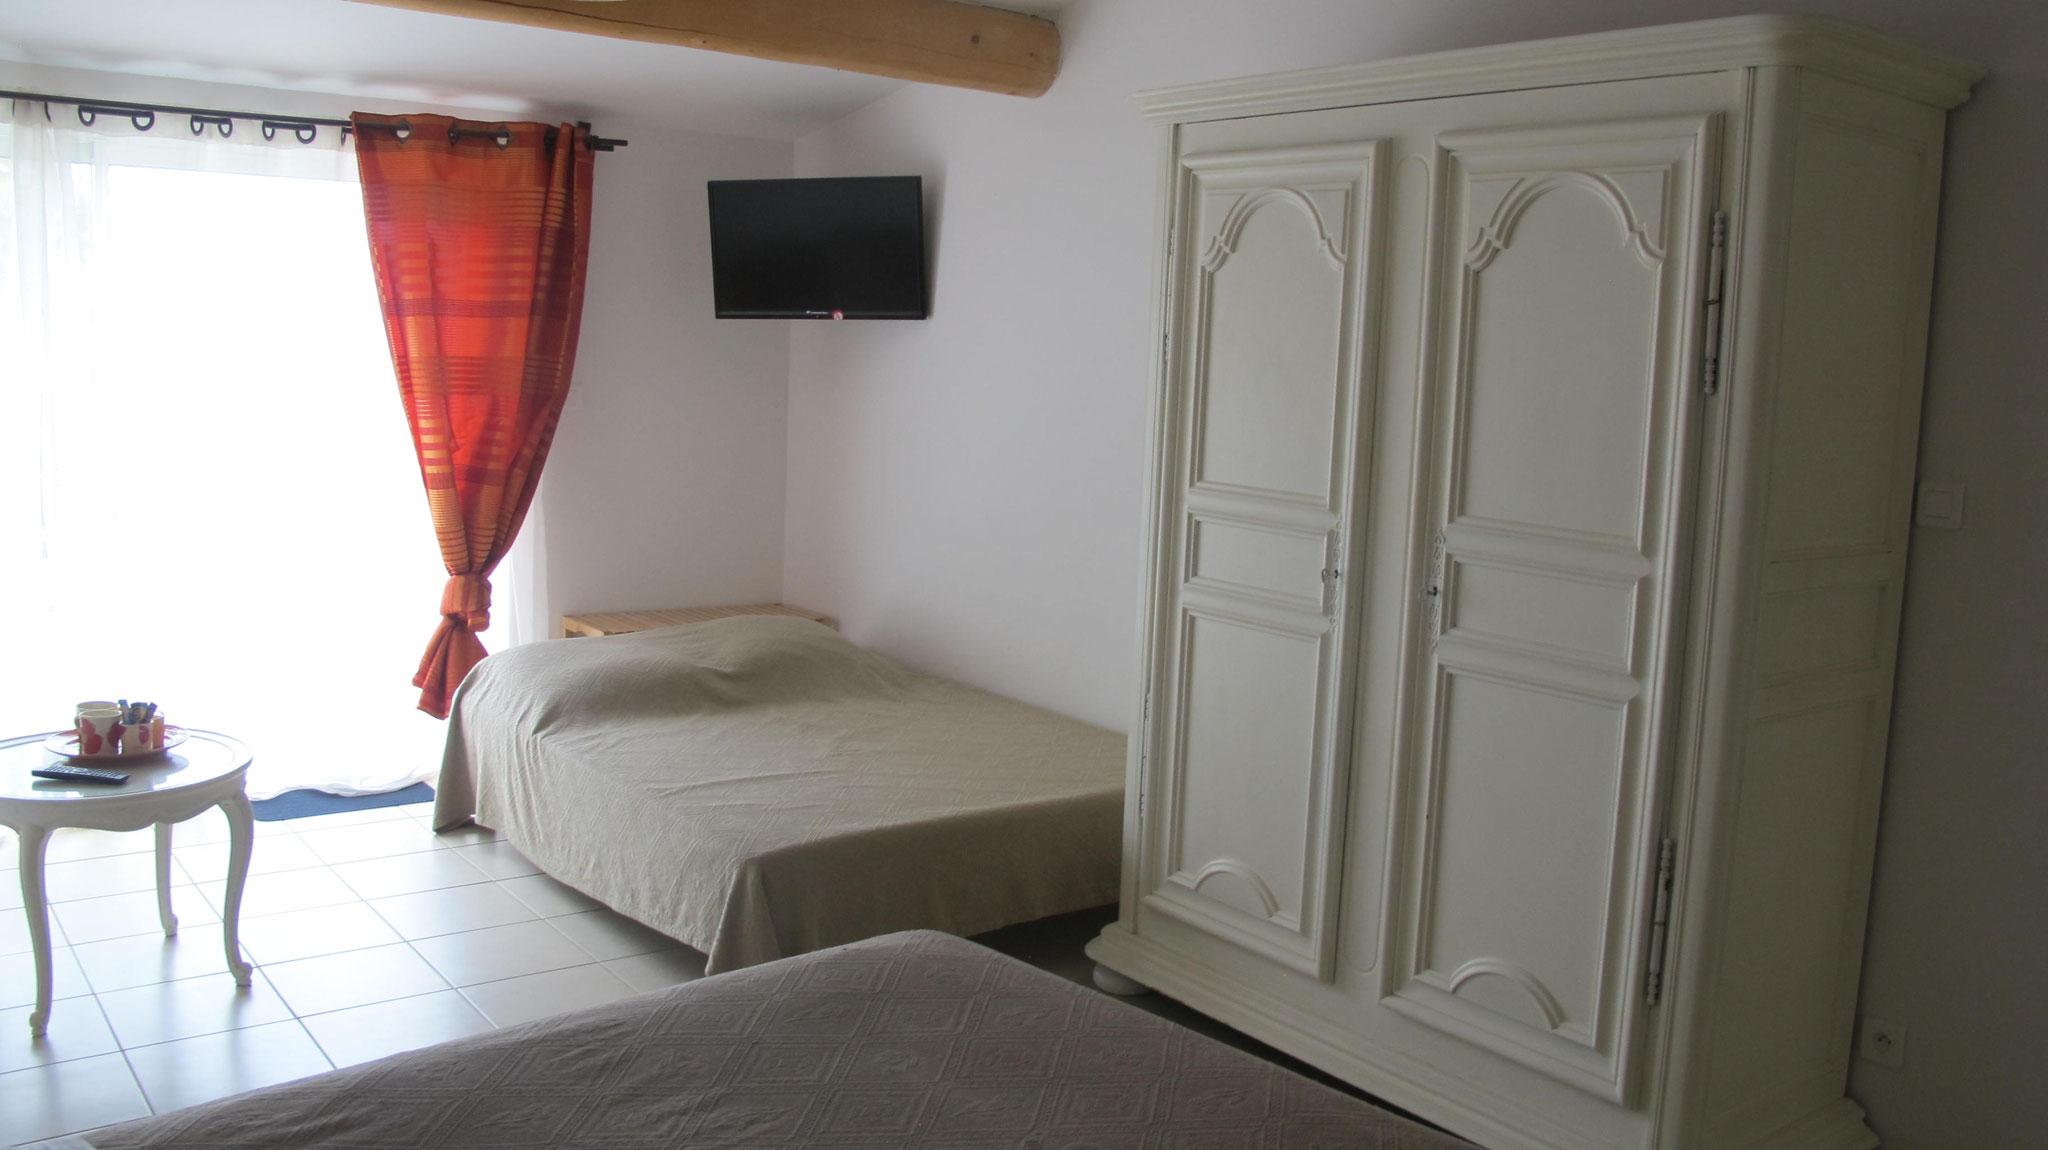 loucardaline-bedoin-ventoux-chambre d hotes-vaucluse-familliale-hébergement-tout confort